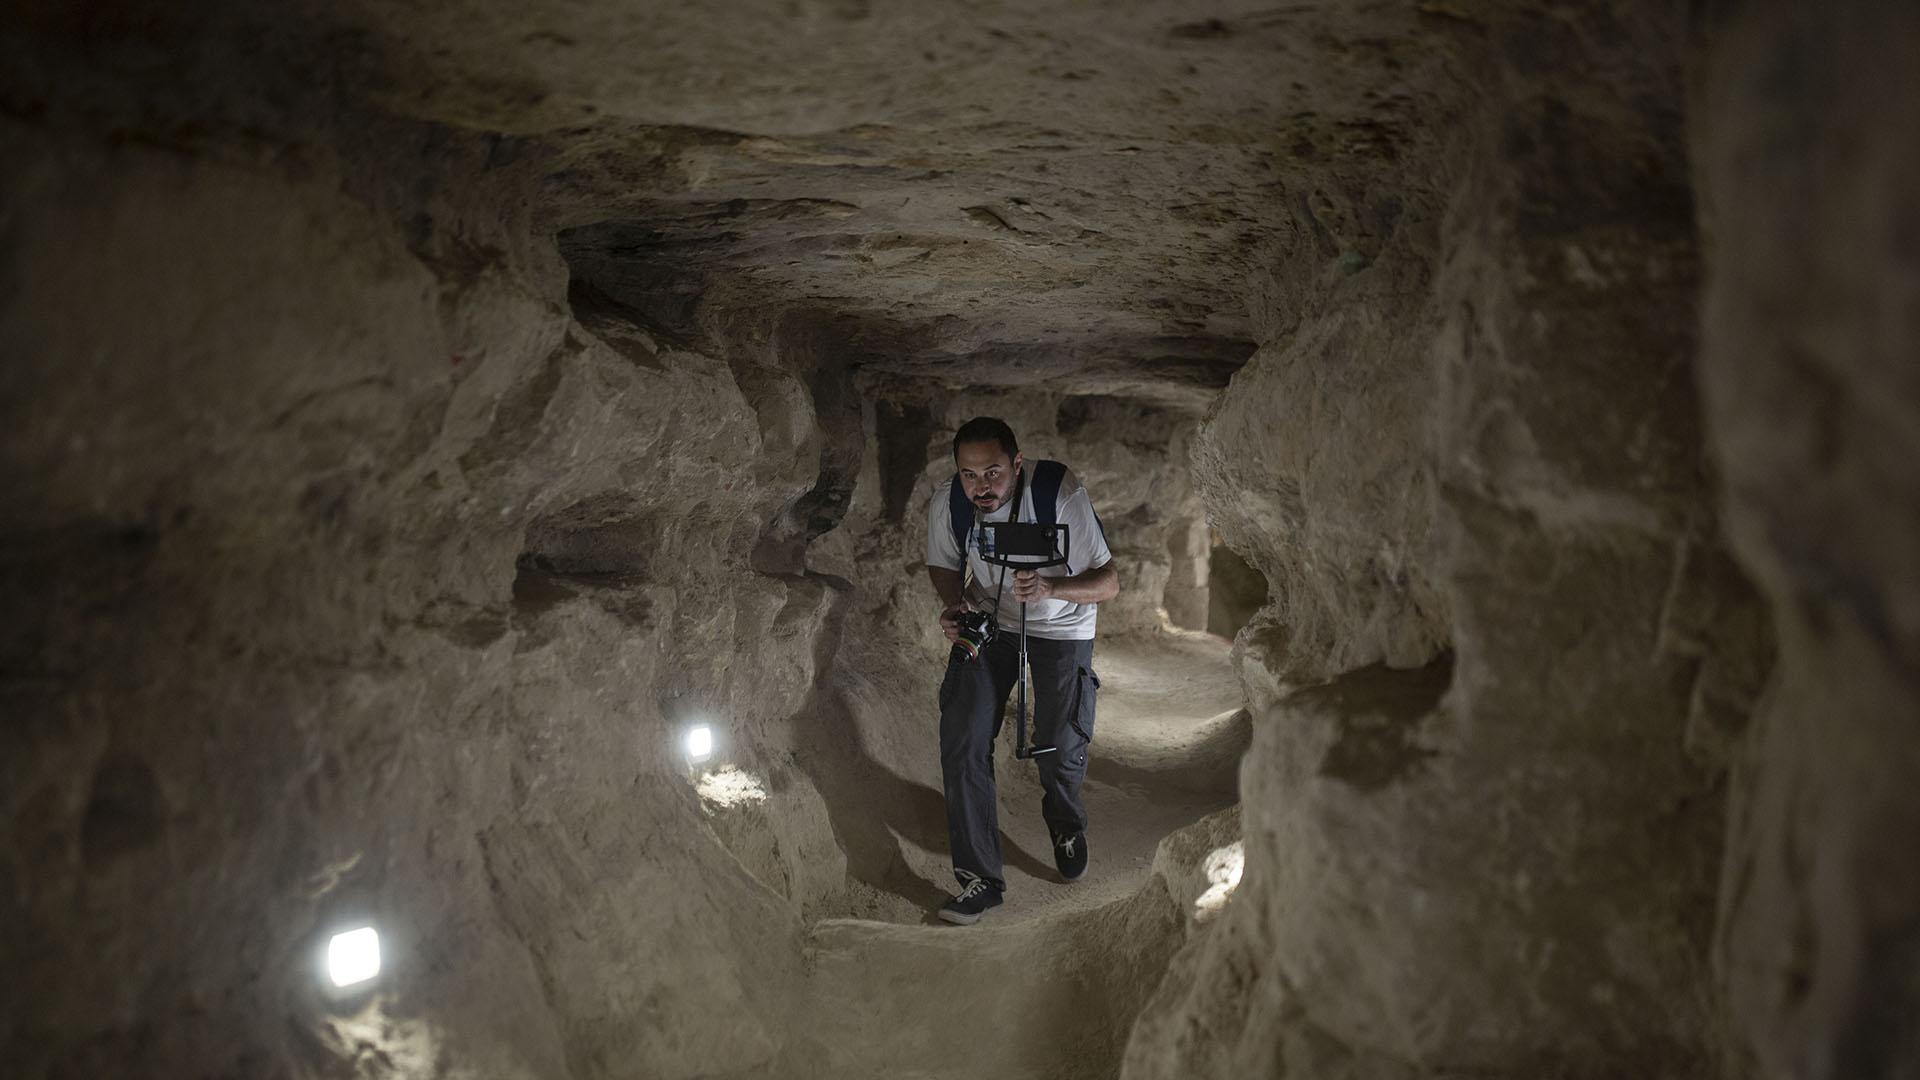 Un periodista egipcio recorre el interior de la pirámide escalonada que se abrió para los visitantes el jueves 5 de marzo de 2020. (AP)